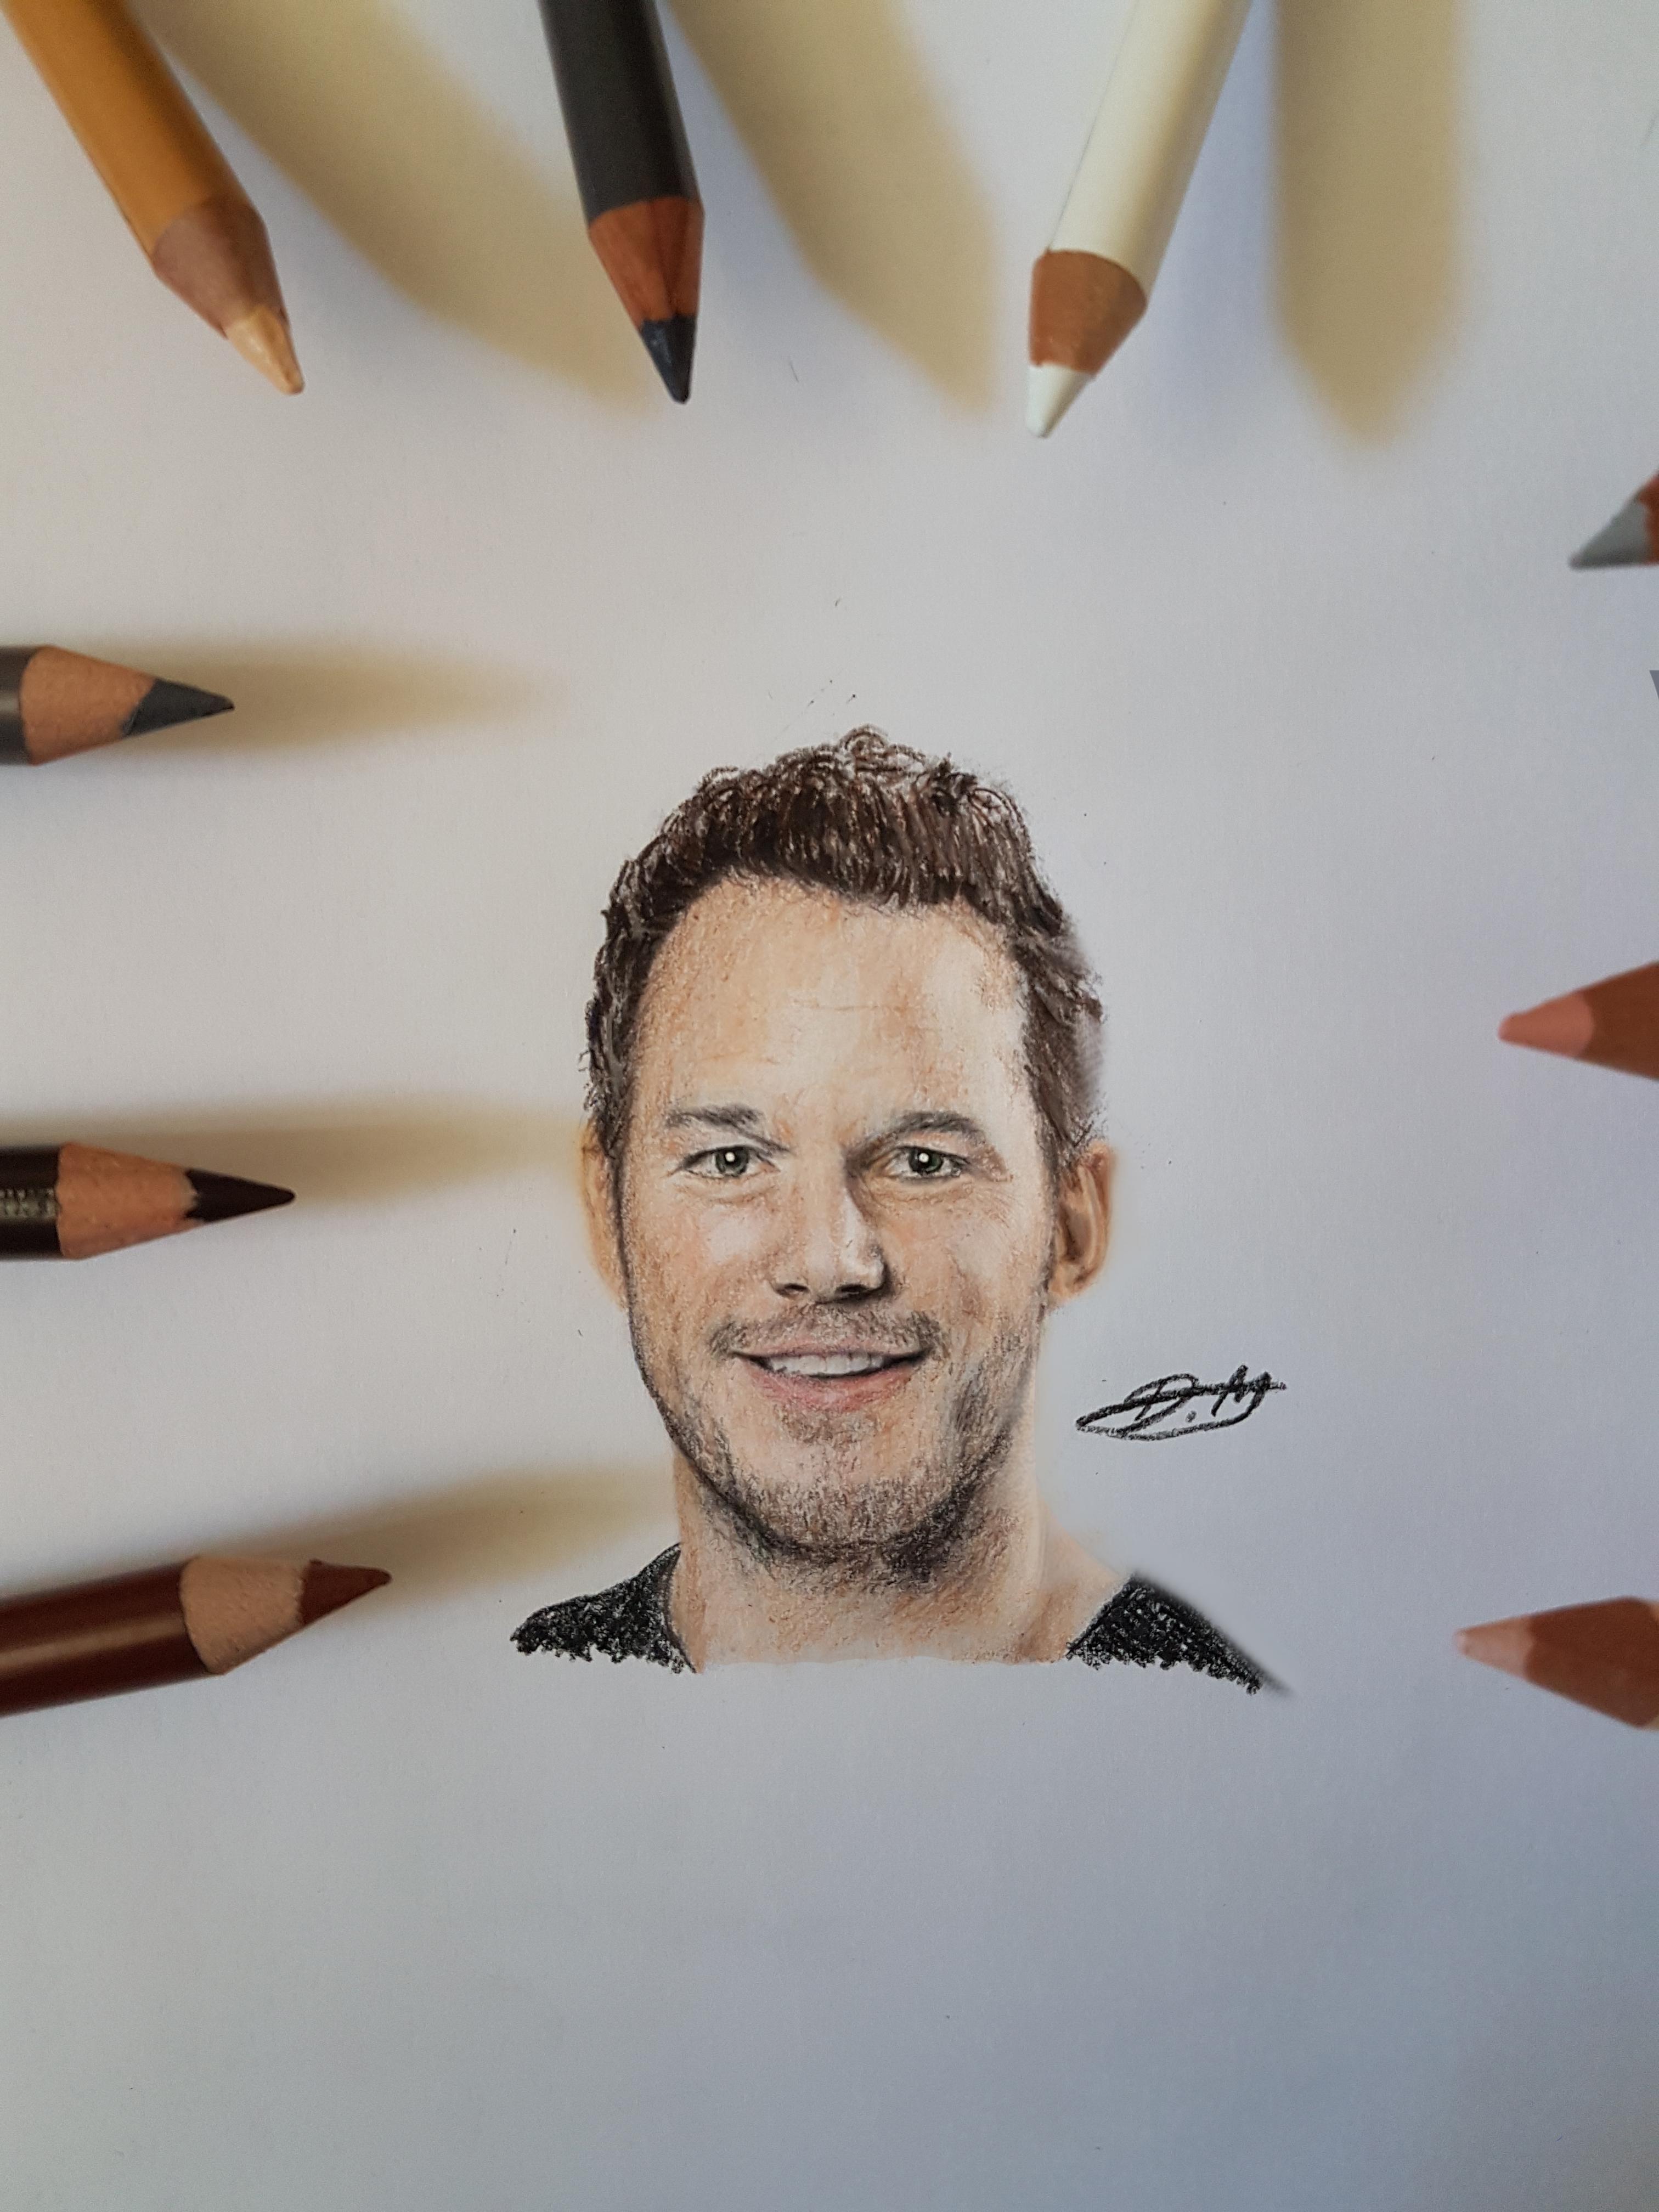 Chris Pratt Miniature Portrait